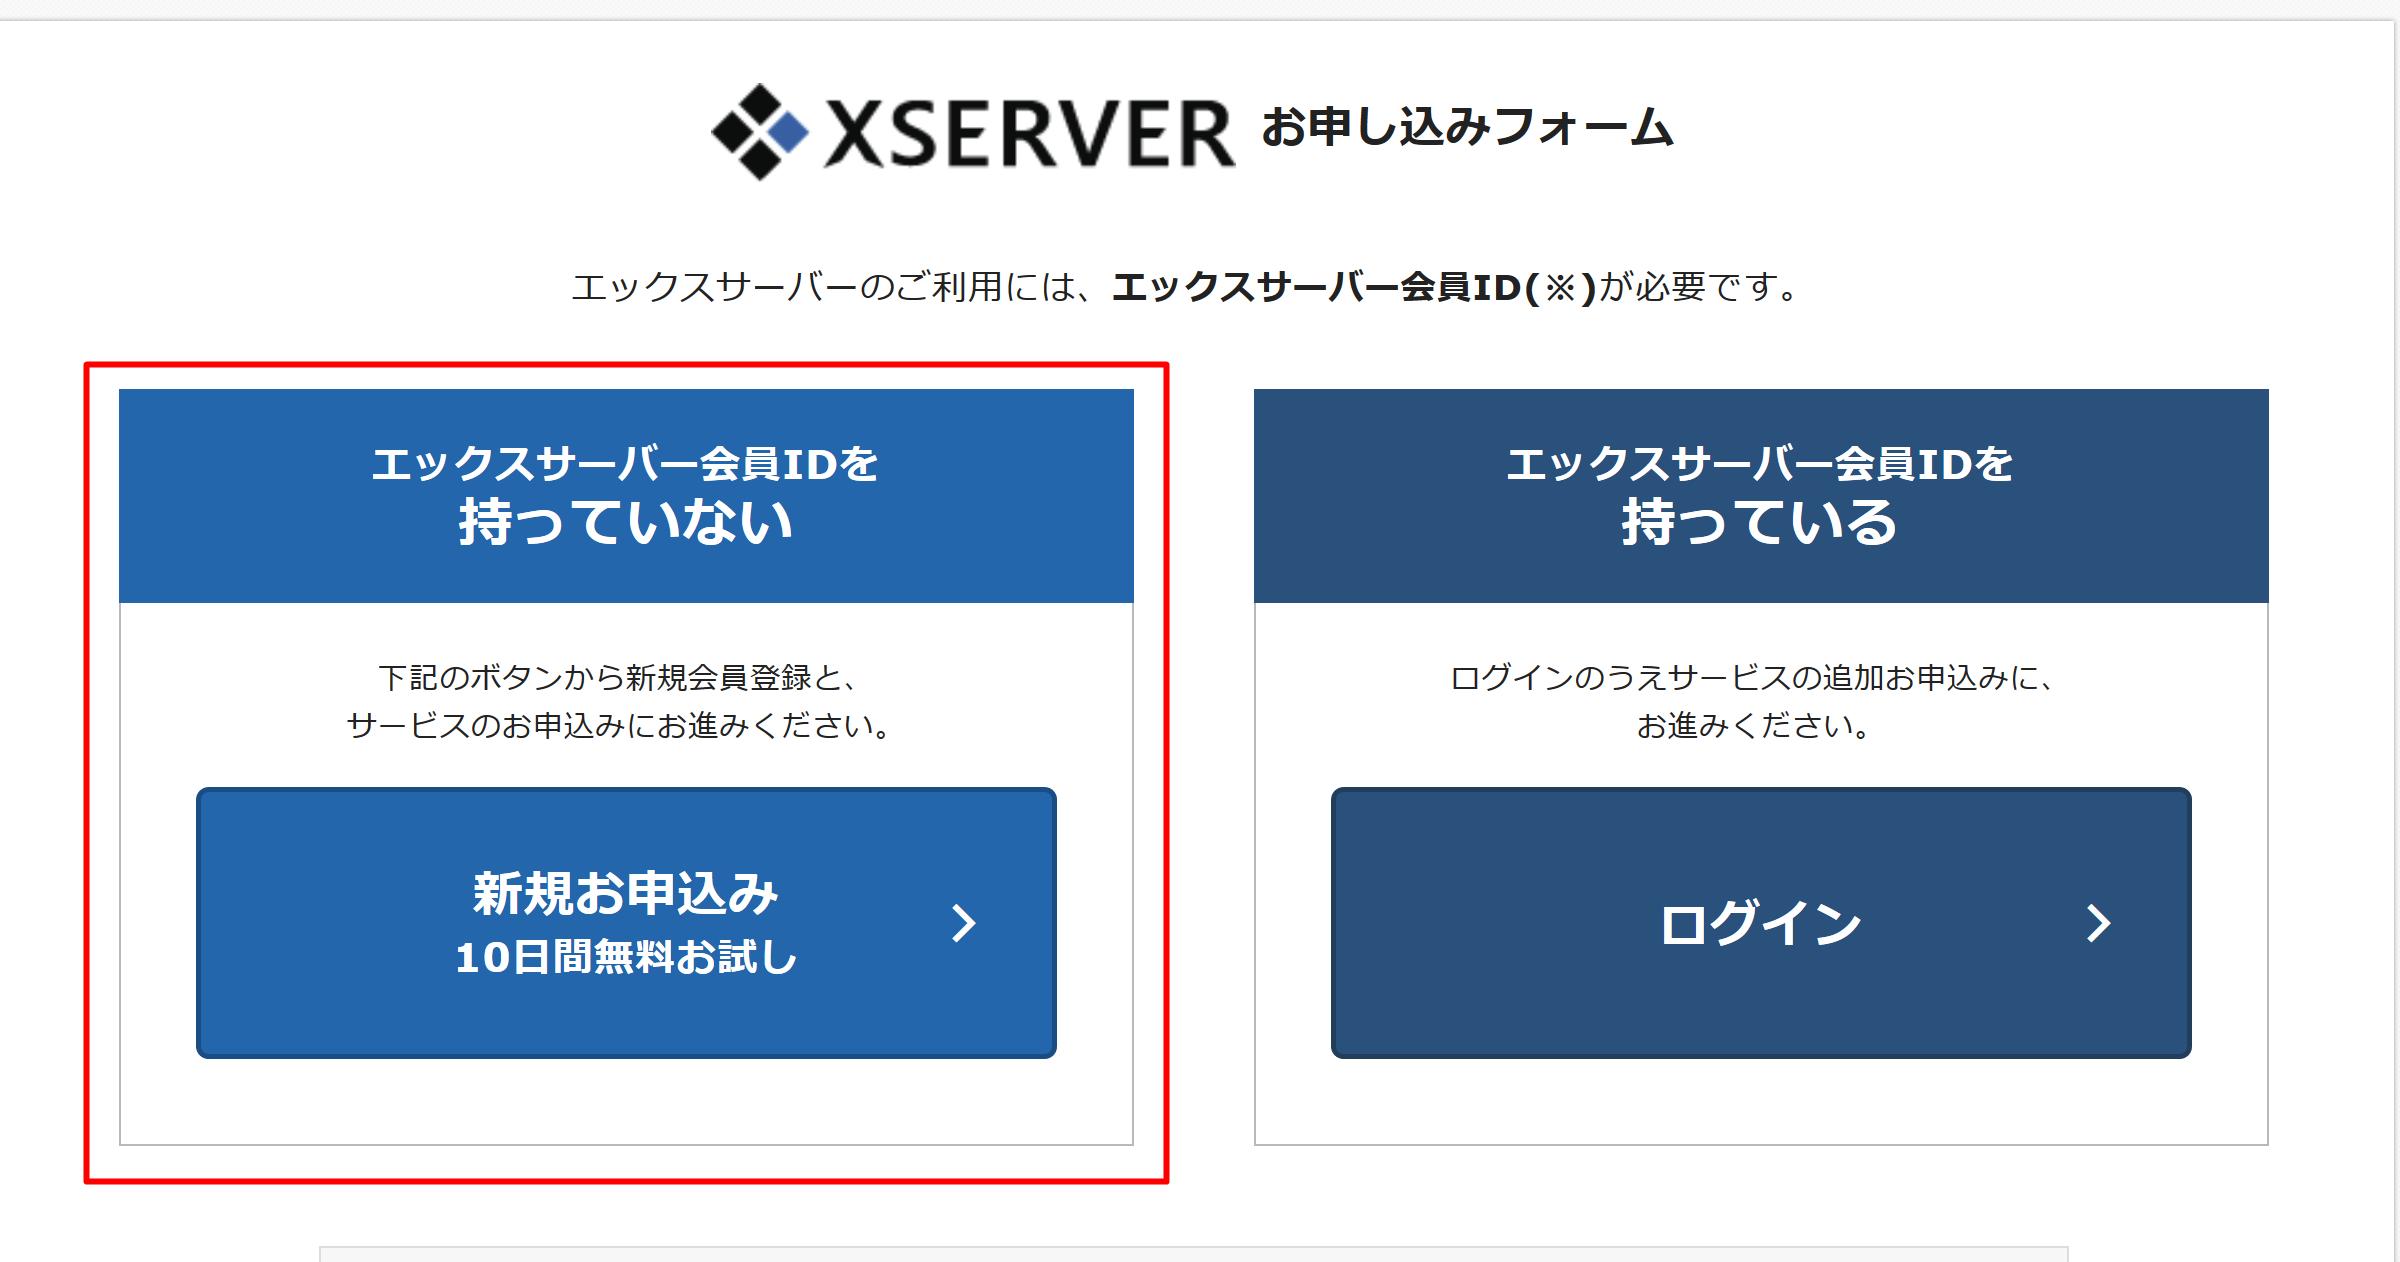 エックスサーバーの登録種別選択画面